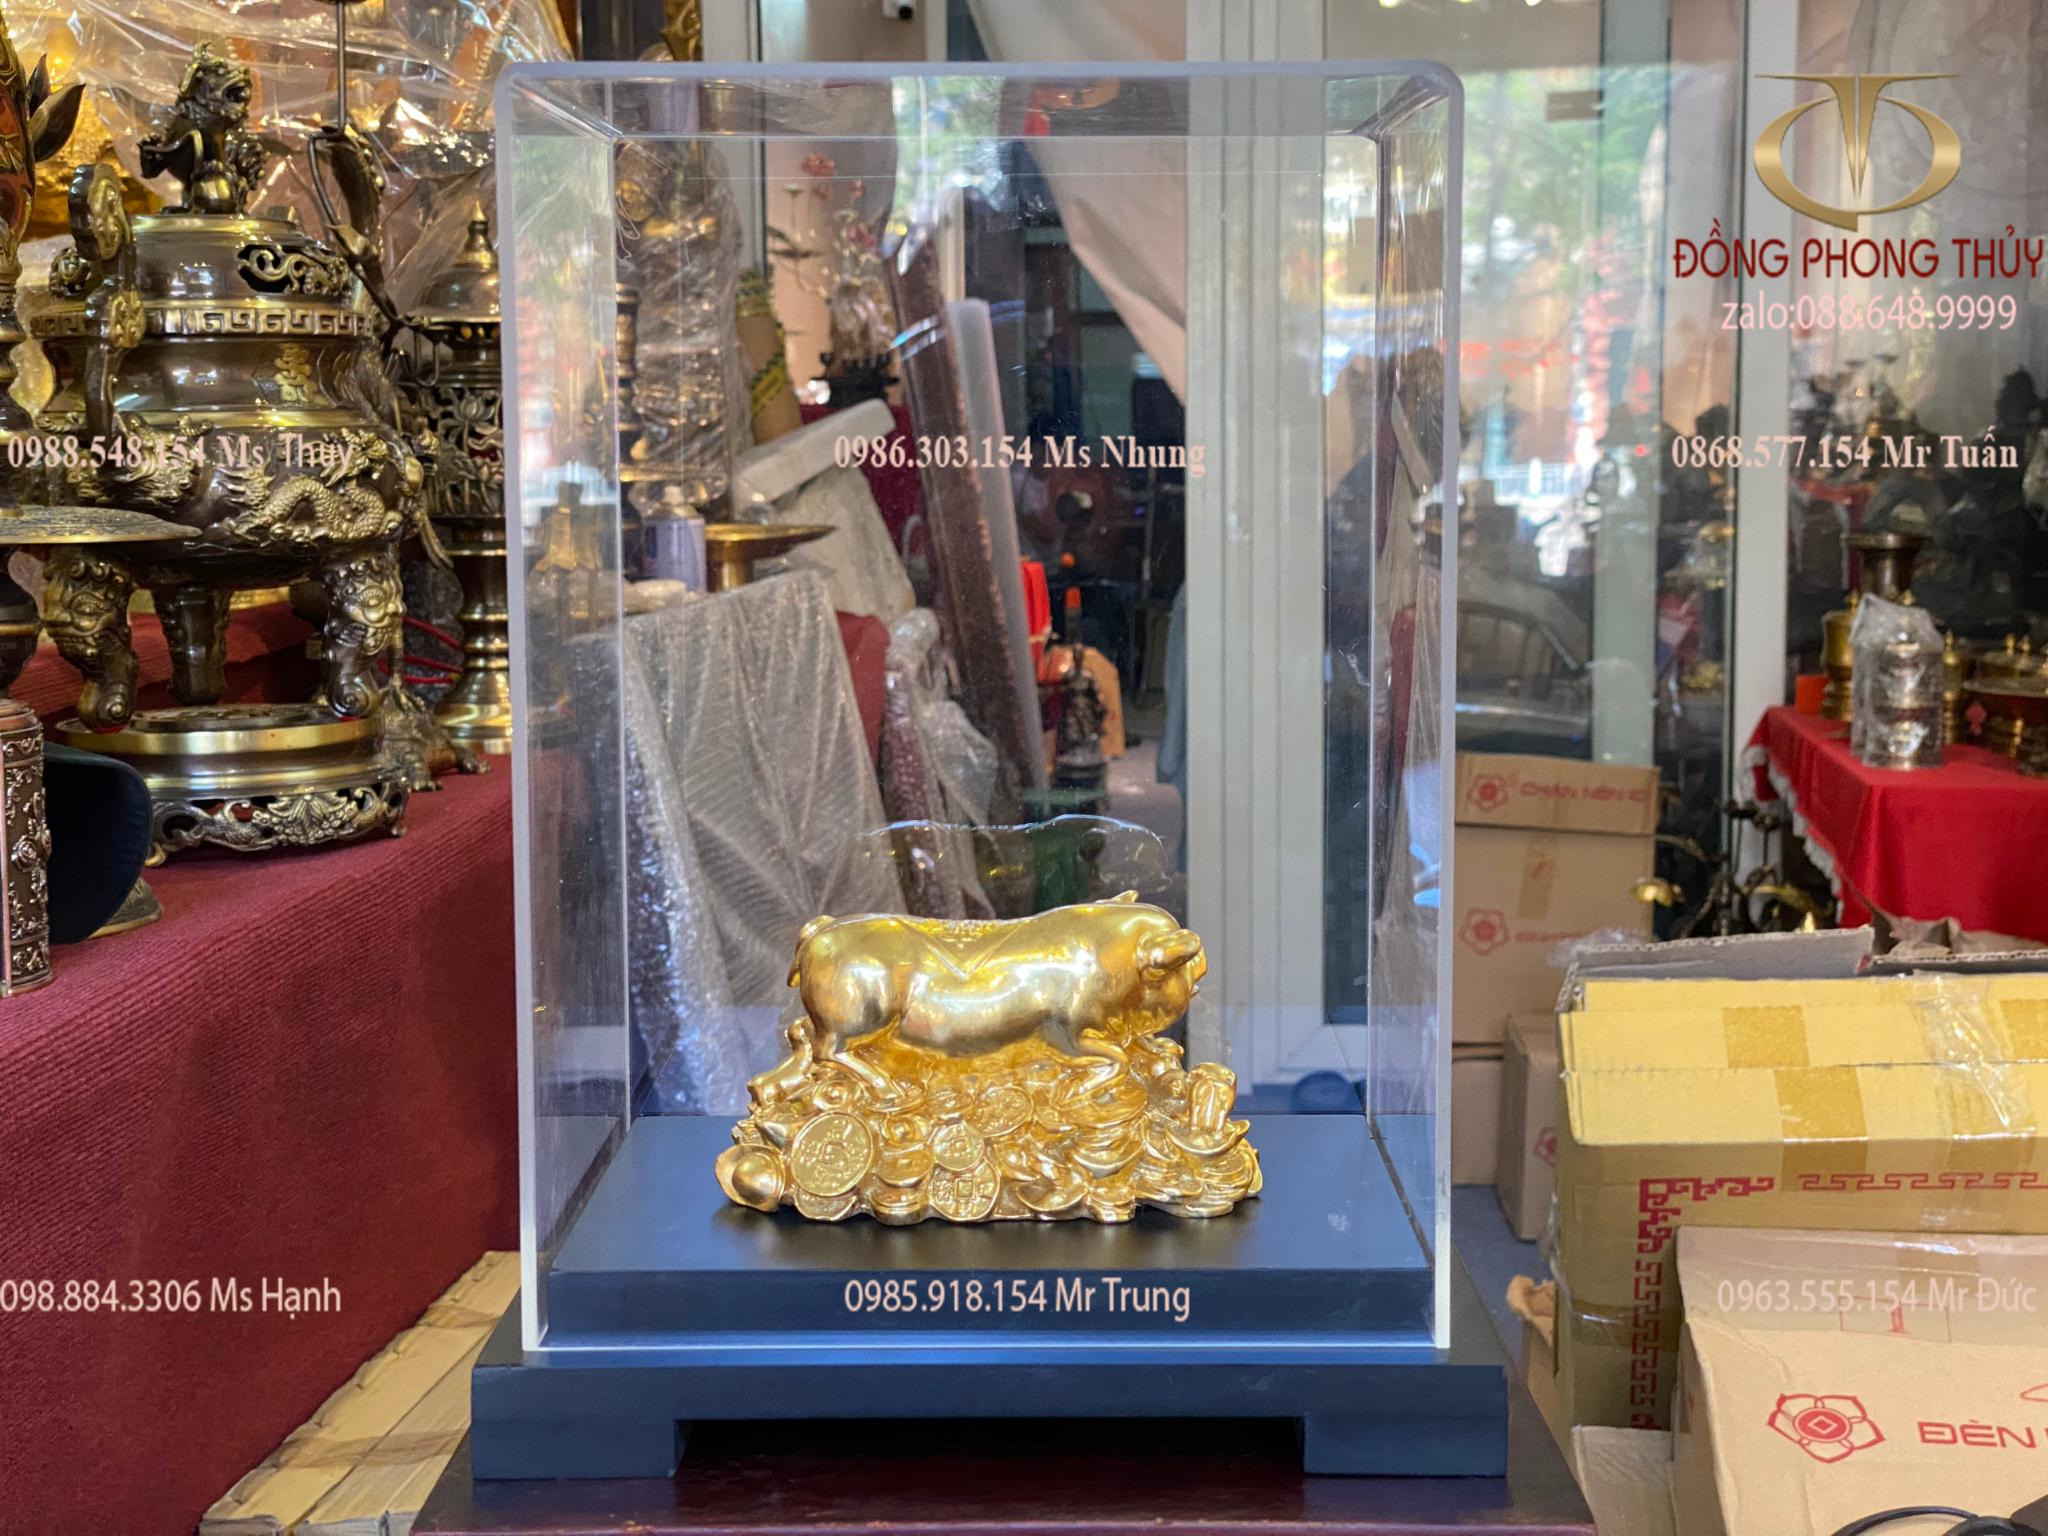 Tượng Heo phong thủy bằng đồng dát vàng 24k